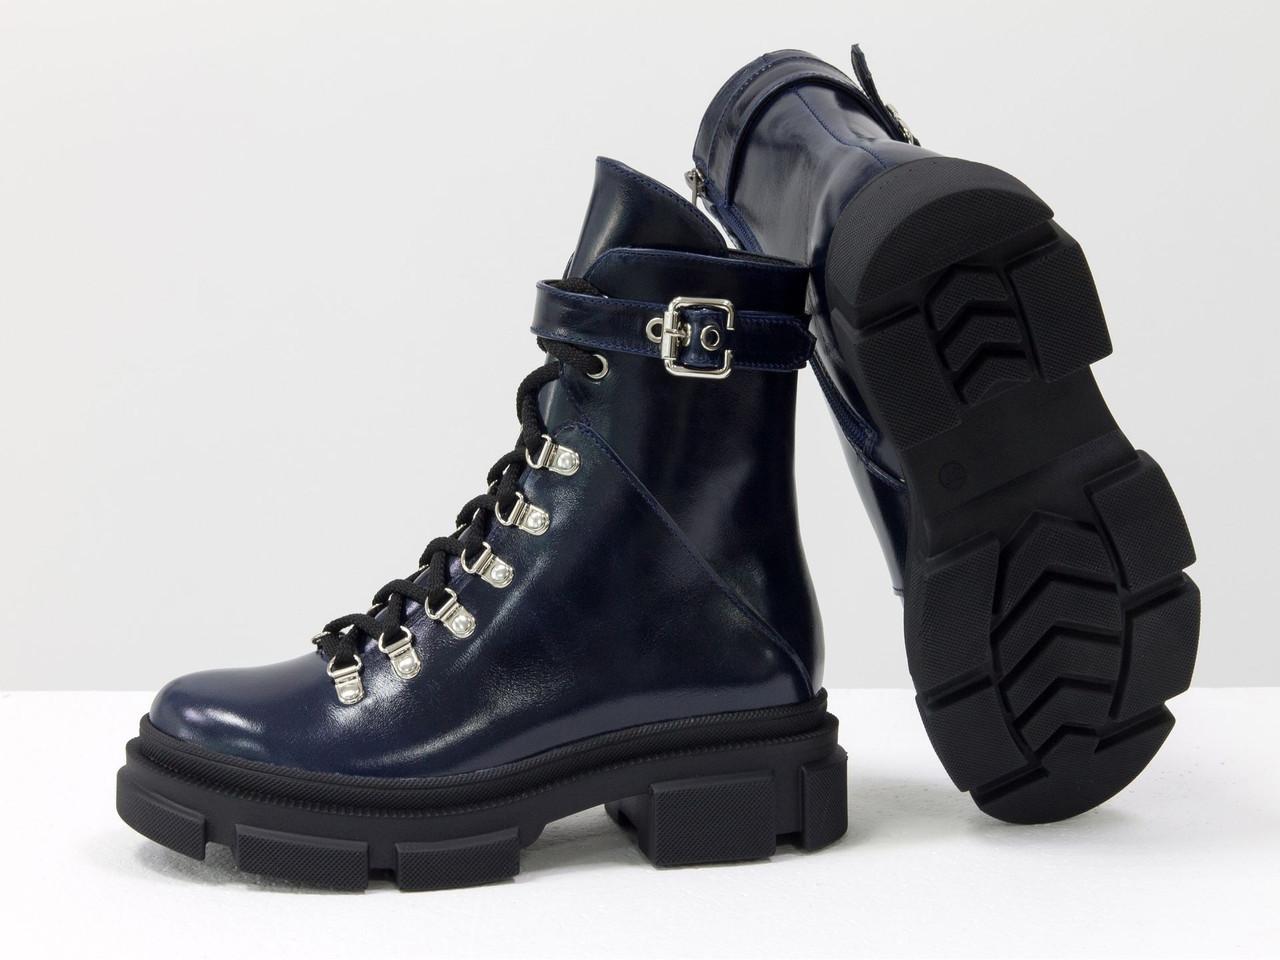 Яркие синие лаковые берцы на шнуровке и на высокой тракторной подошве